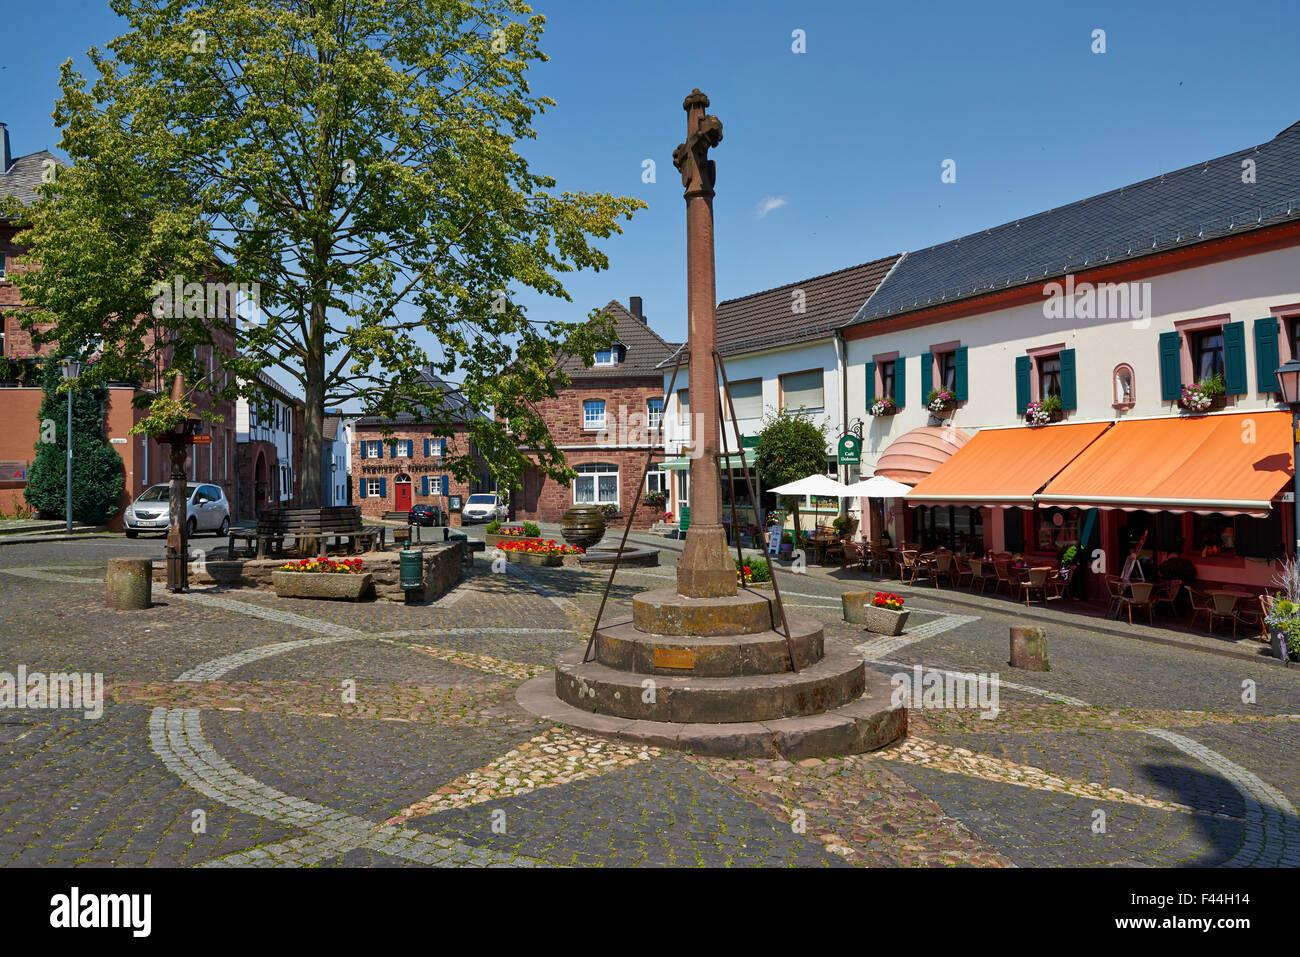 market square of Nideggen, North Rhine-Westphalia, Germany, Europe - Stock Image